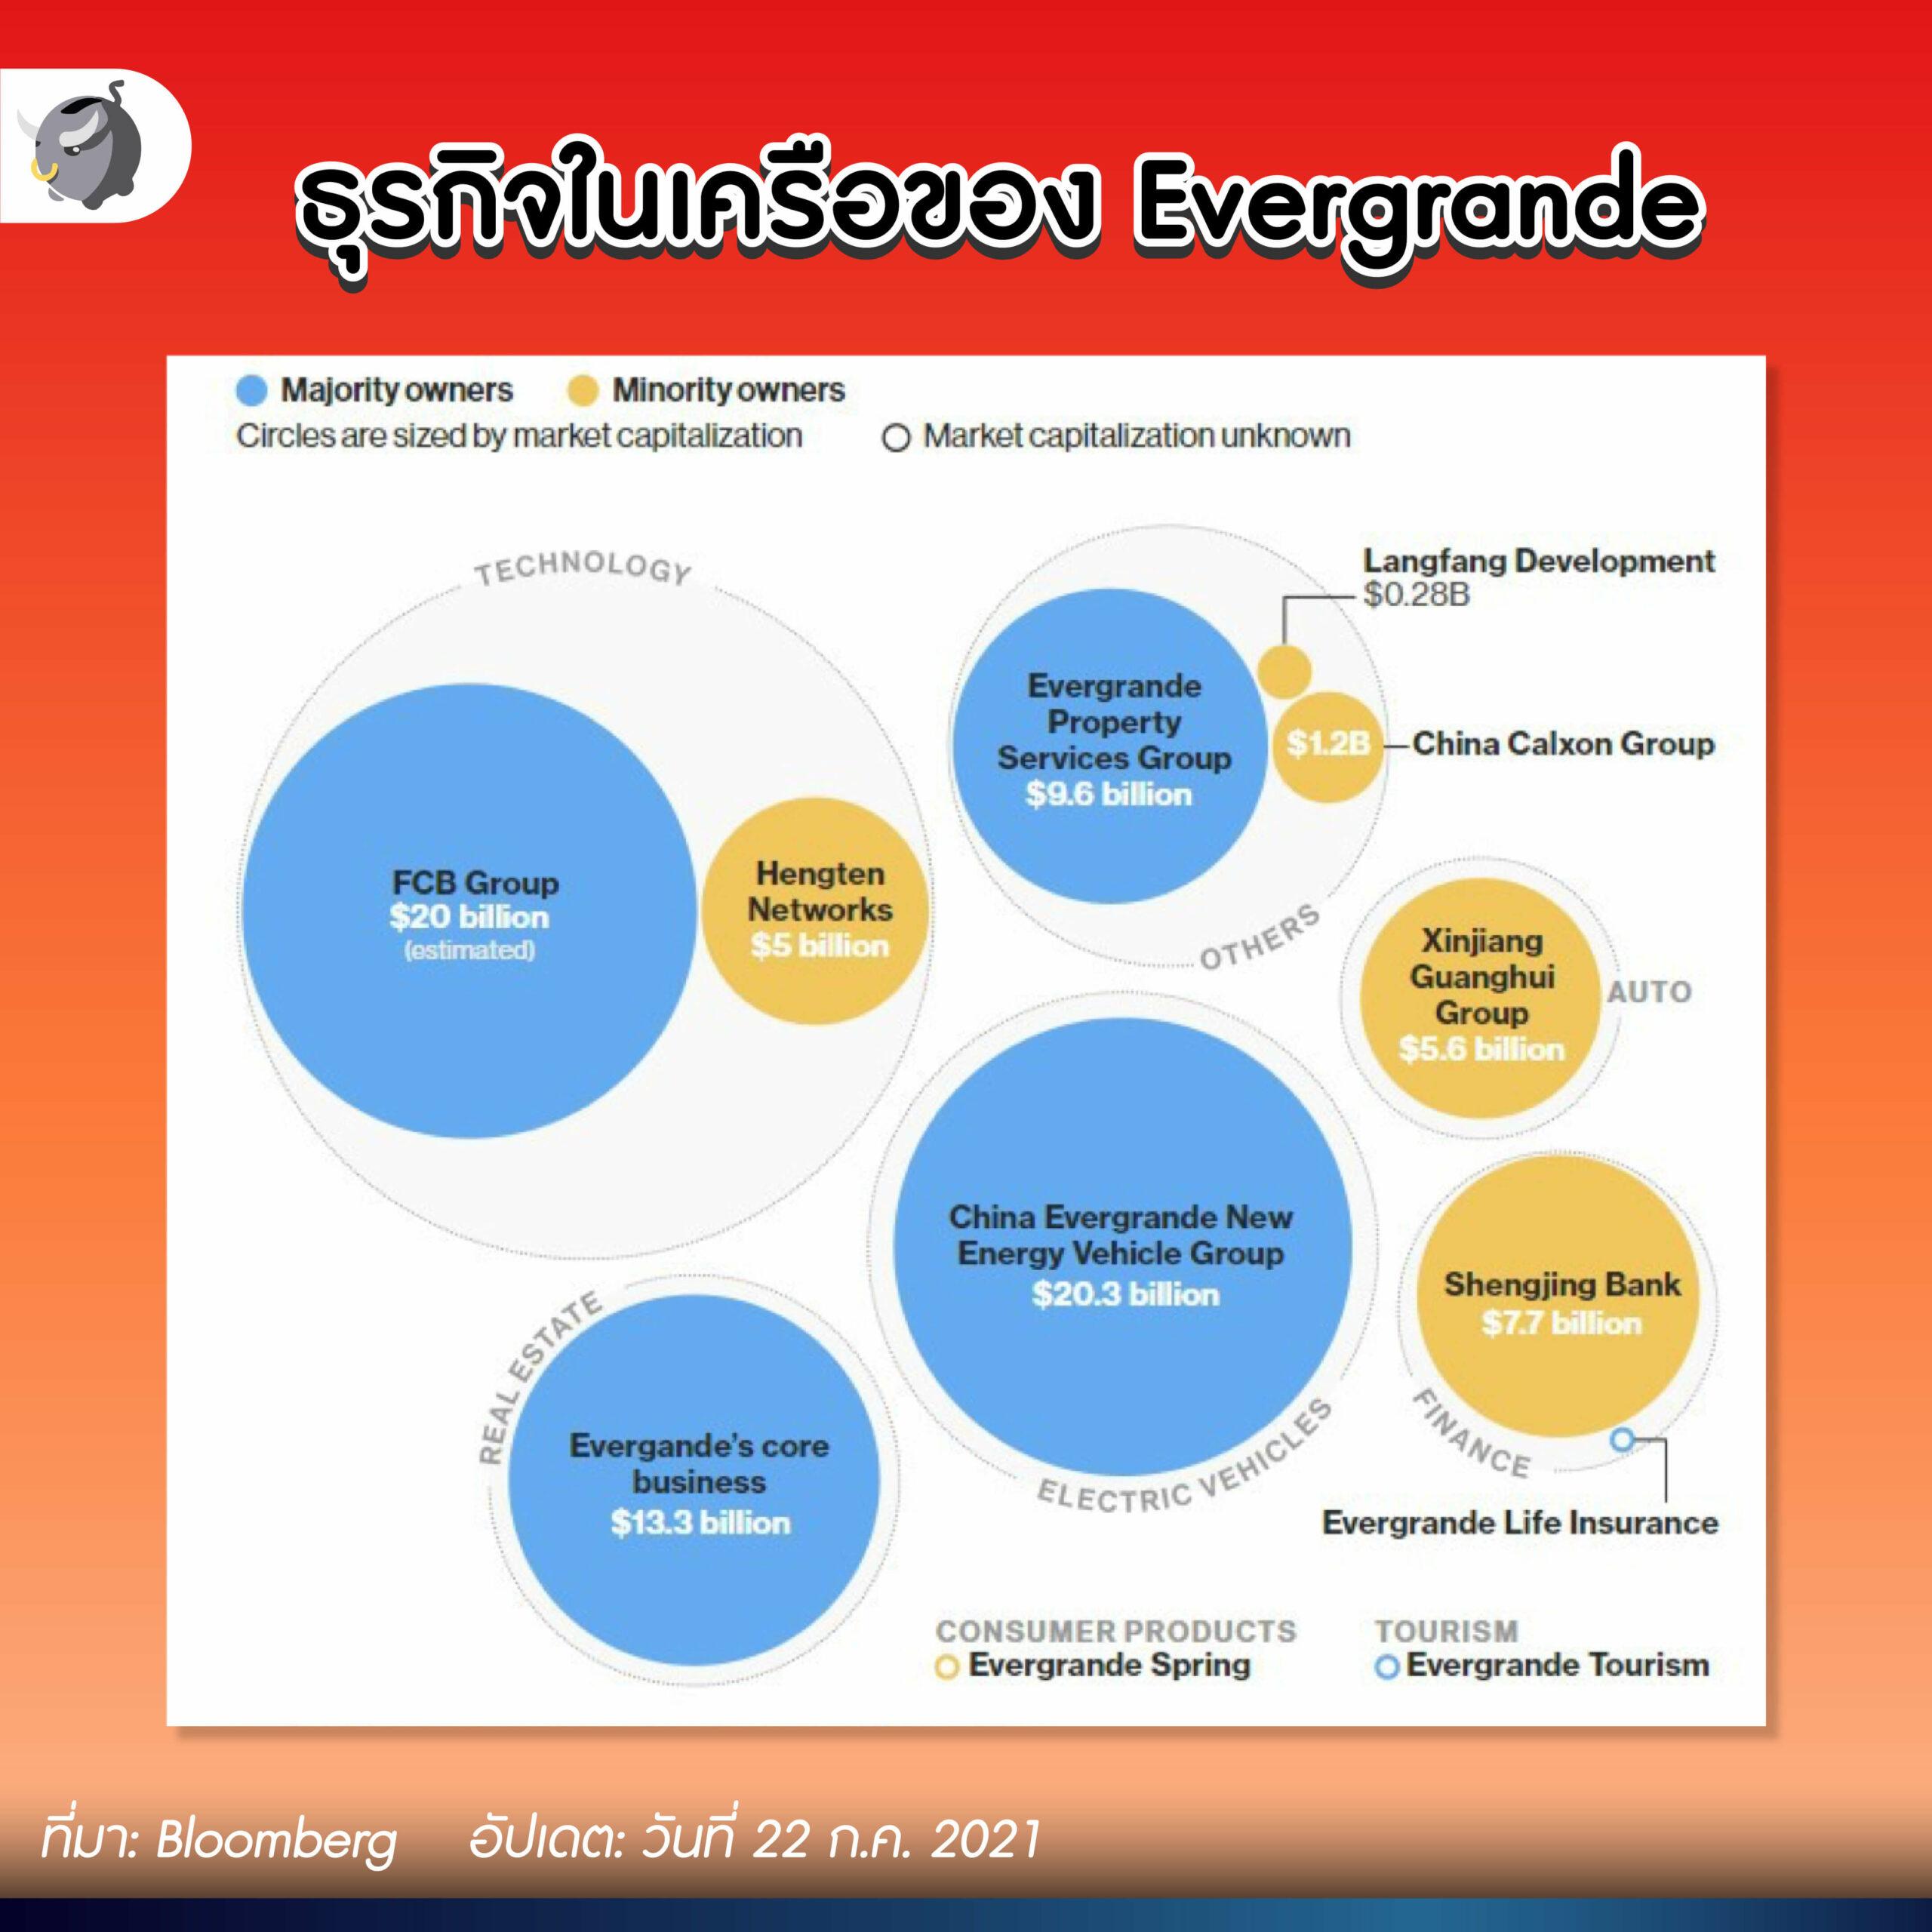 Evergrande บริษัทอสังหาฯ อันดับ 2 ของจีนกำลังล่มสลาย